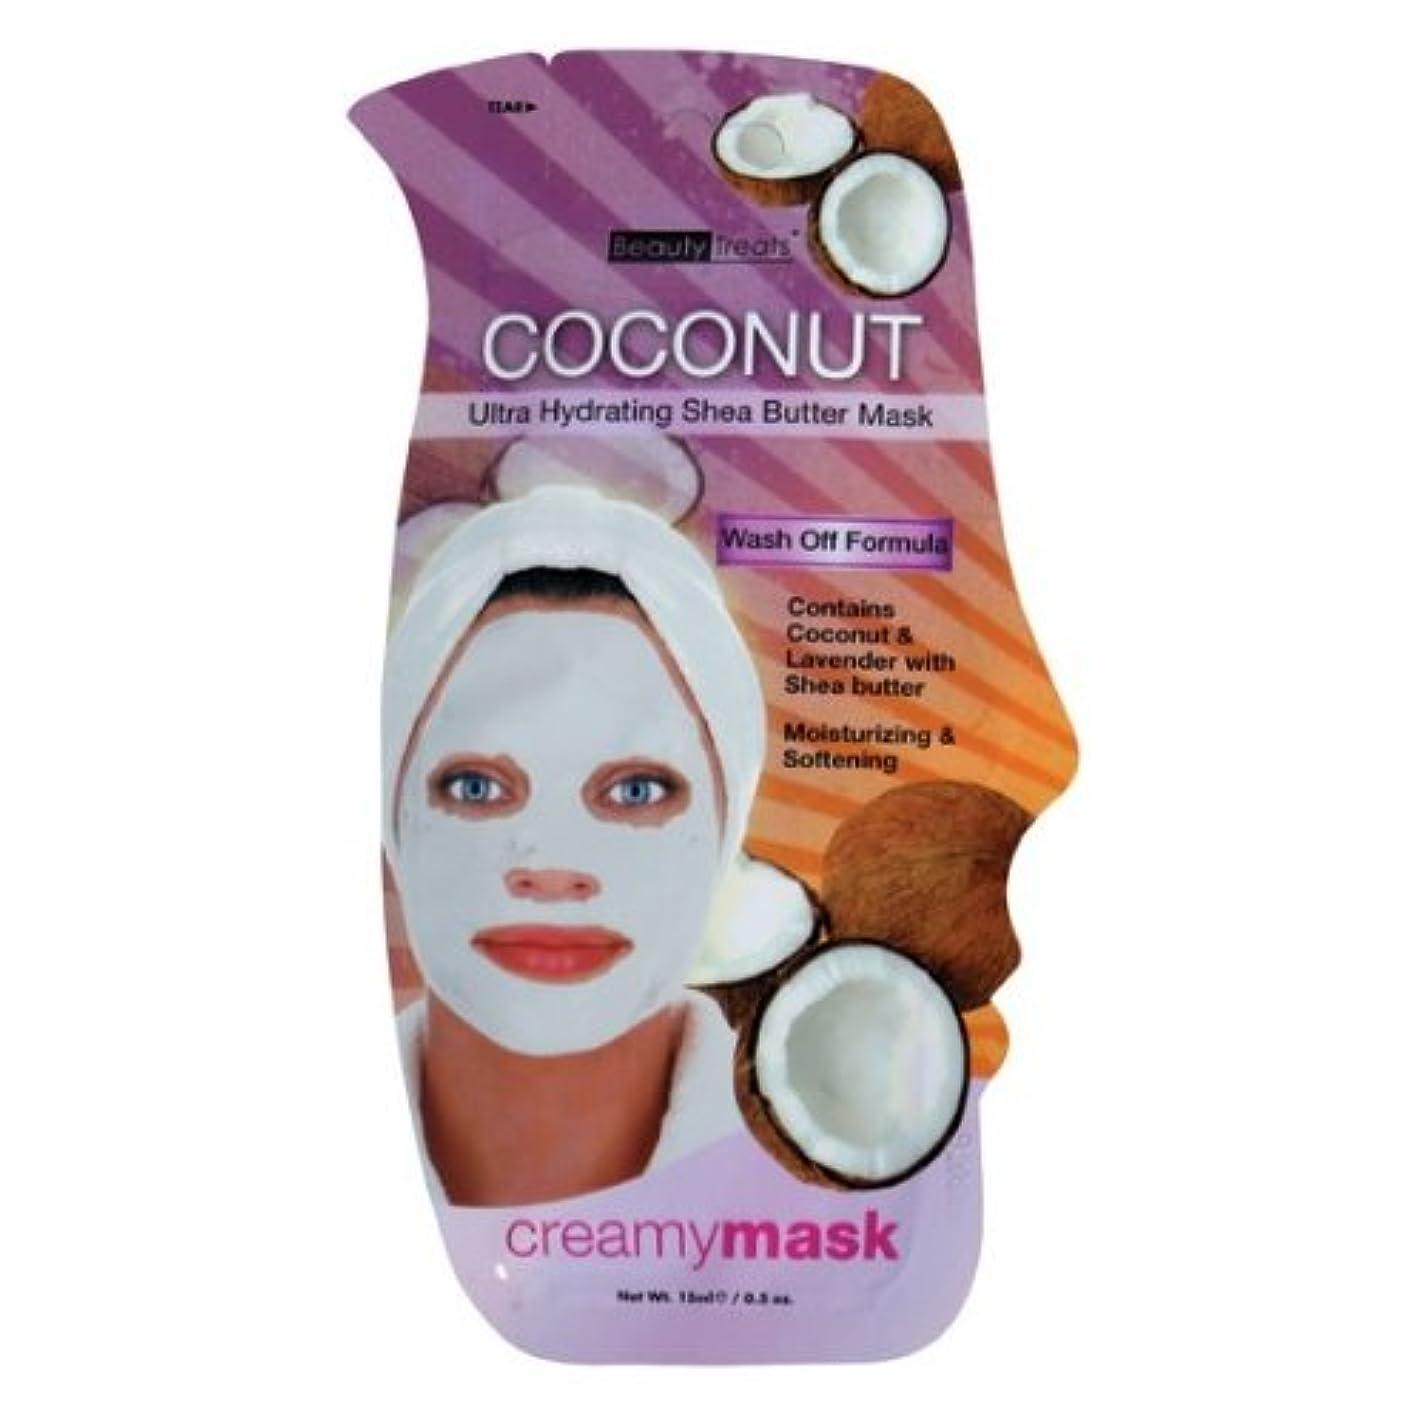 伝記パワーセルキー(6 Pack) BEAUTY TREATS Coconut Ultra Hydrating Shea Butter Mask - Coconut (並行輸入品)